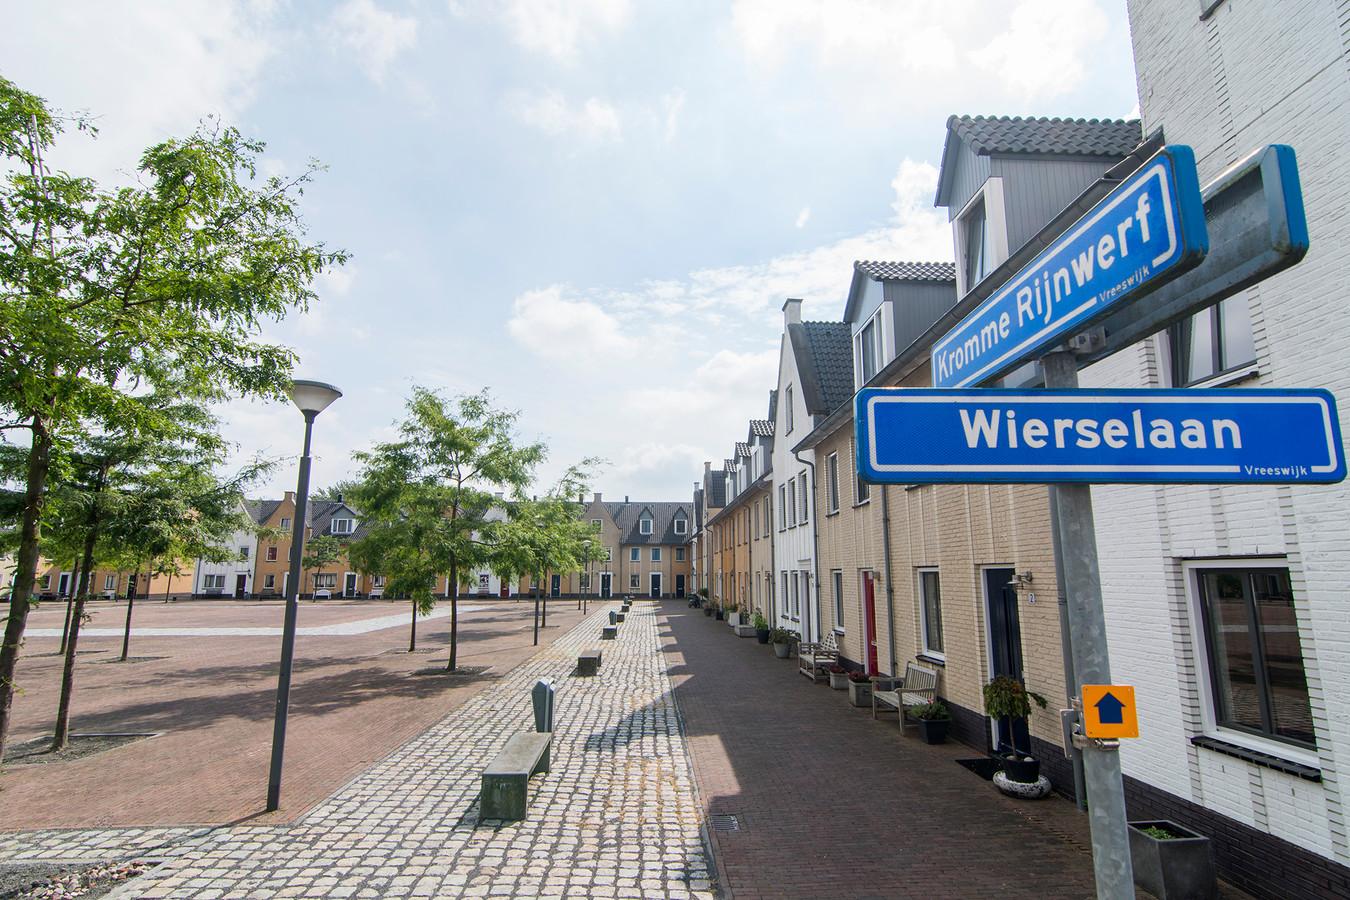 Een deel van De Wiers in Nieuwegein is al woongebied geworden, dat is de wijk Nieuw-Vreeswijk geworden